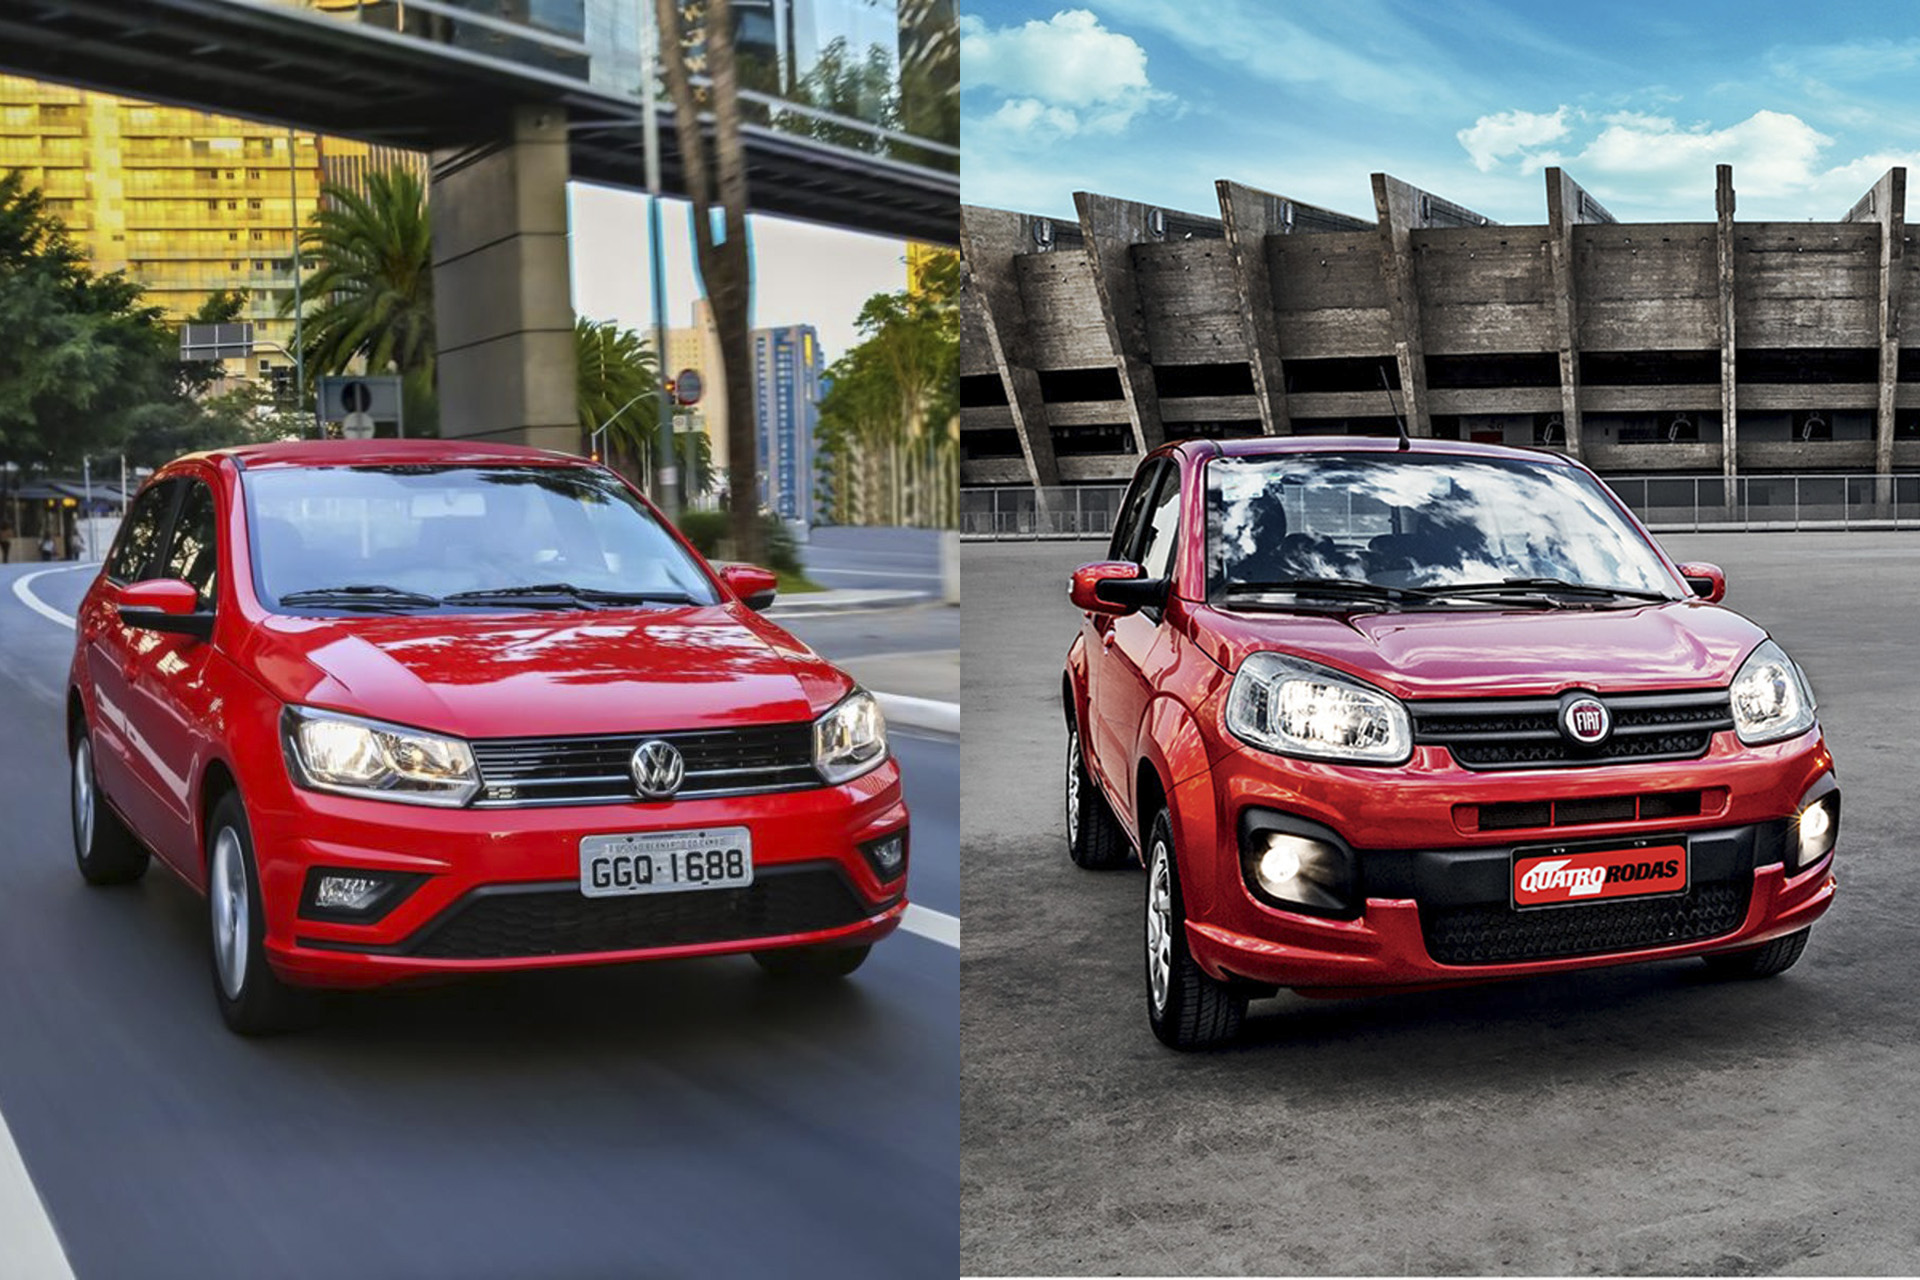 VW Gol e Fiat Uno: coronavírus ameaça os 2 carros mais populares do Brasil